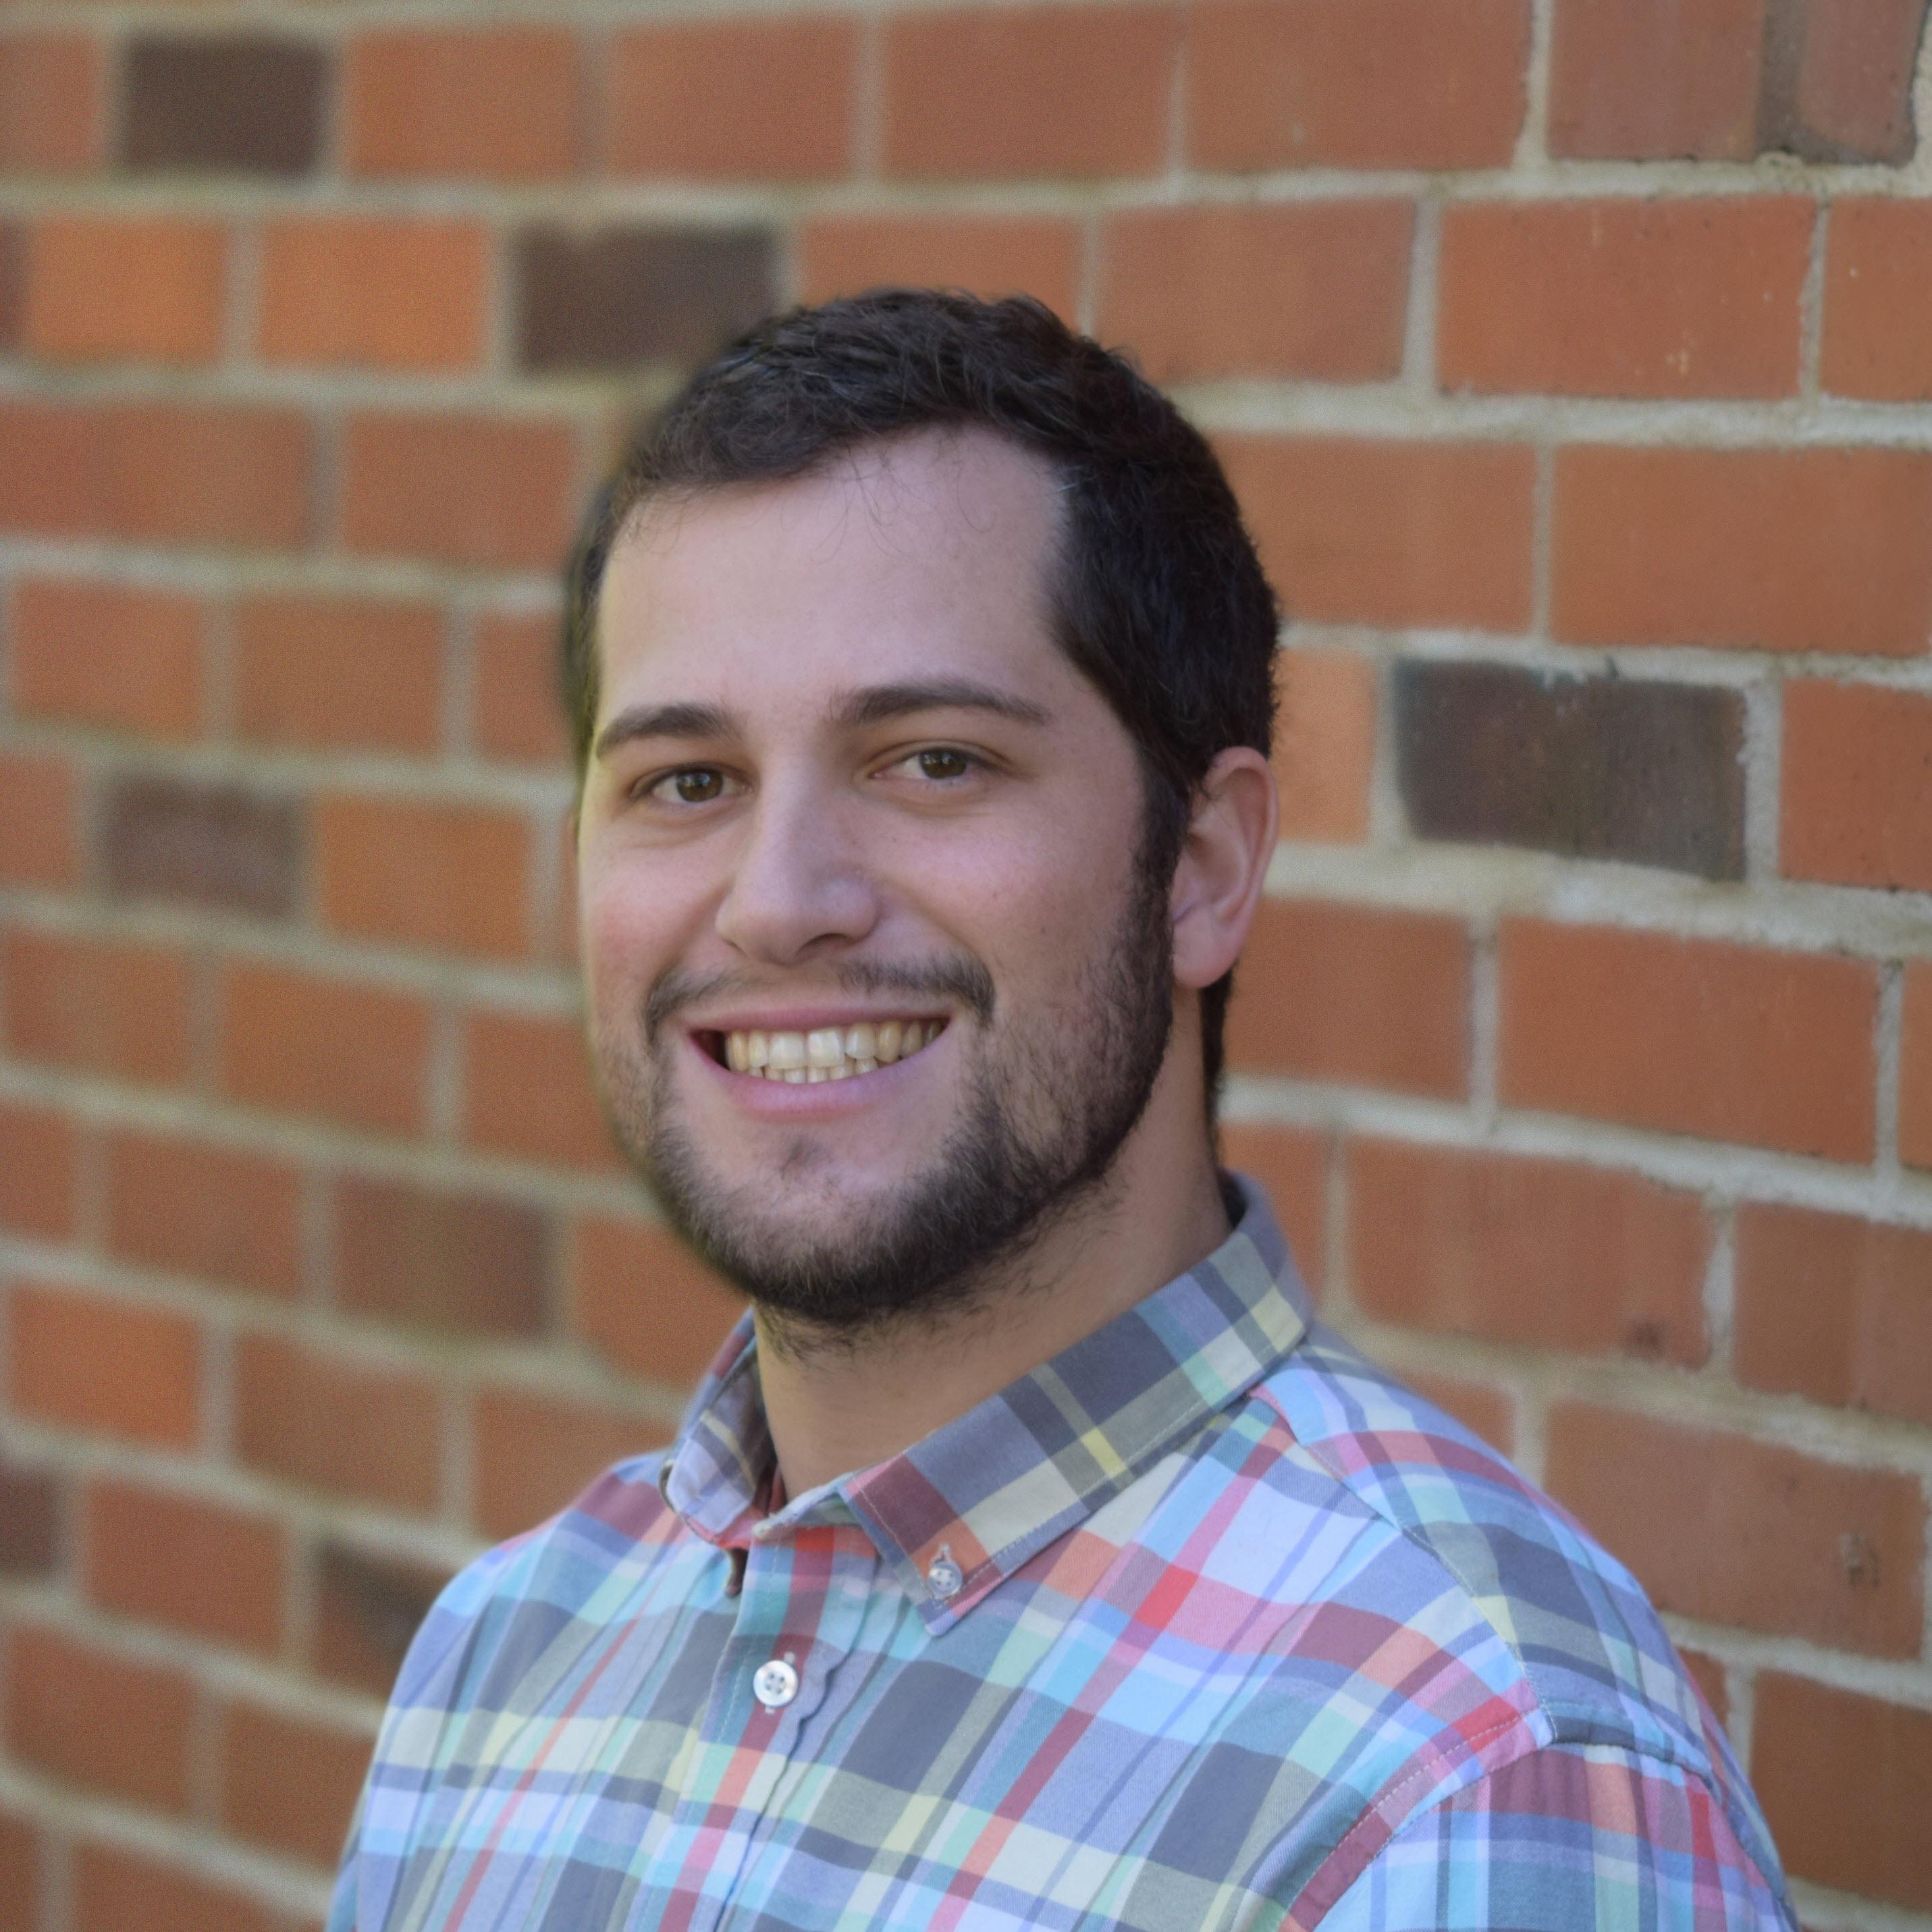 James Morris, Academic Coordinator